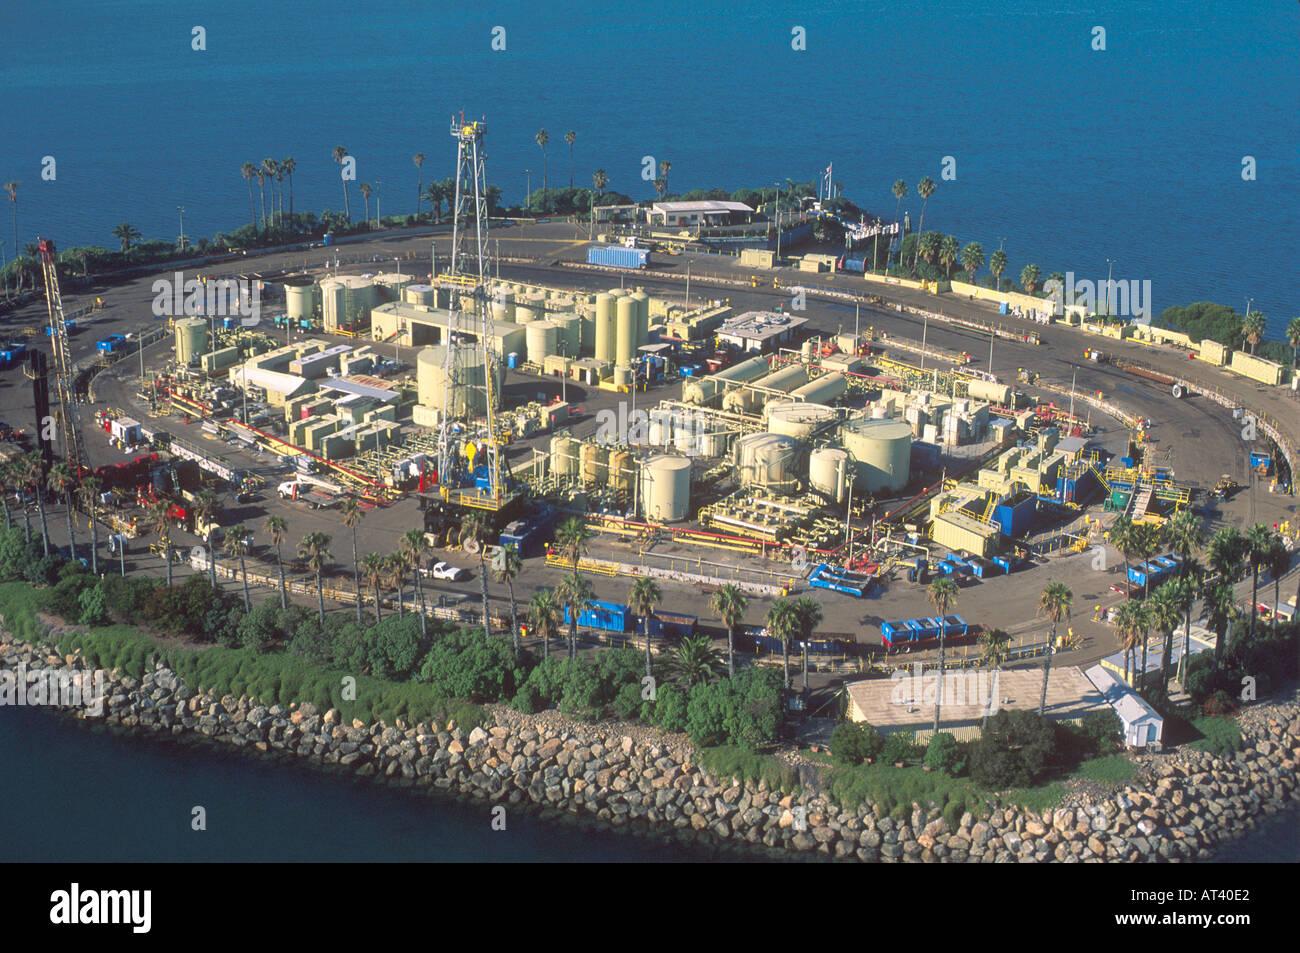 Mountain View Ca To Long Beach Ca